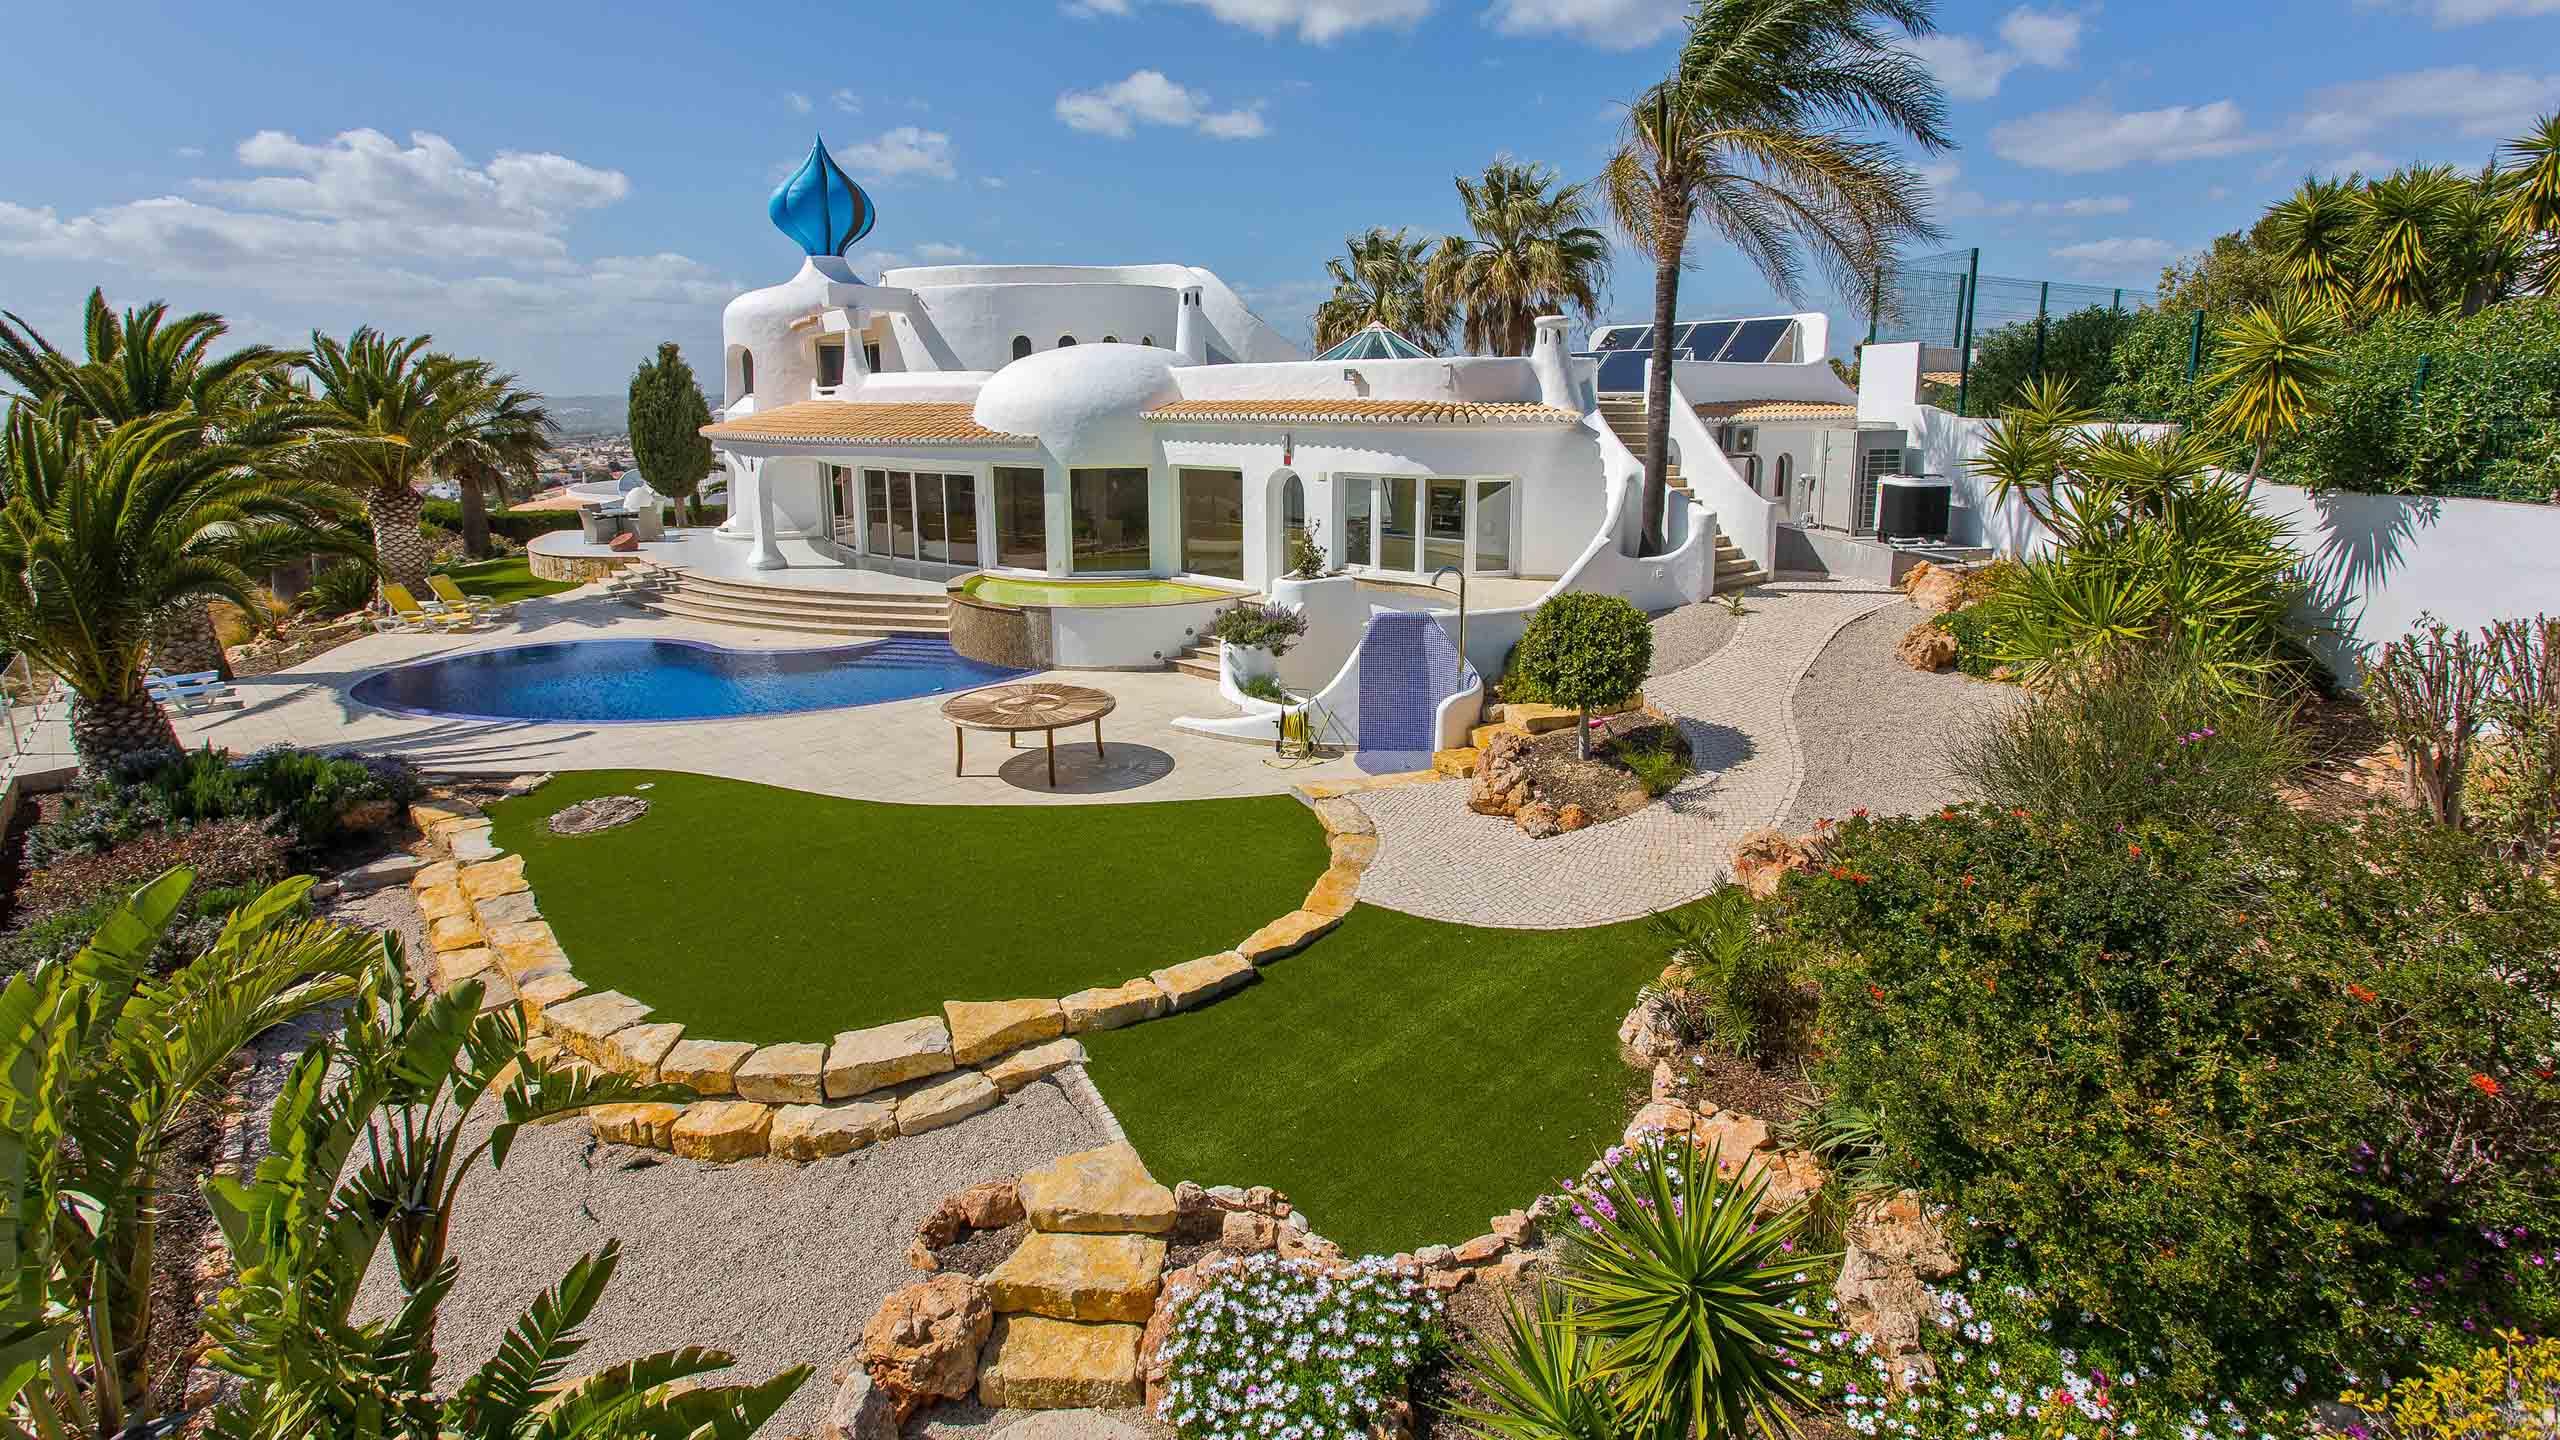 Private Villas In Portugal luxury villas in portugal 2020, 2021 | a&k villas